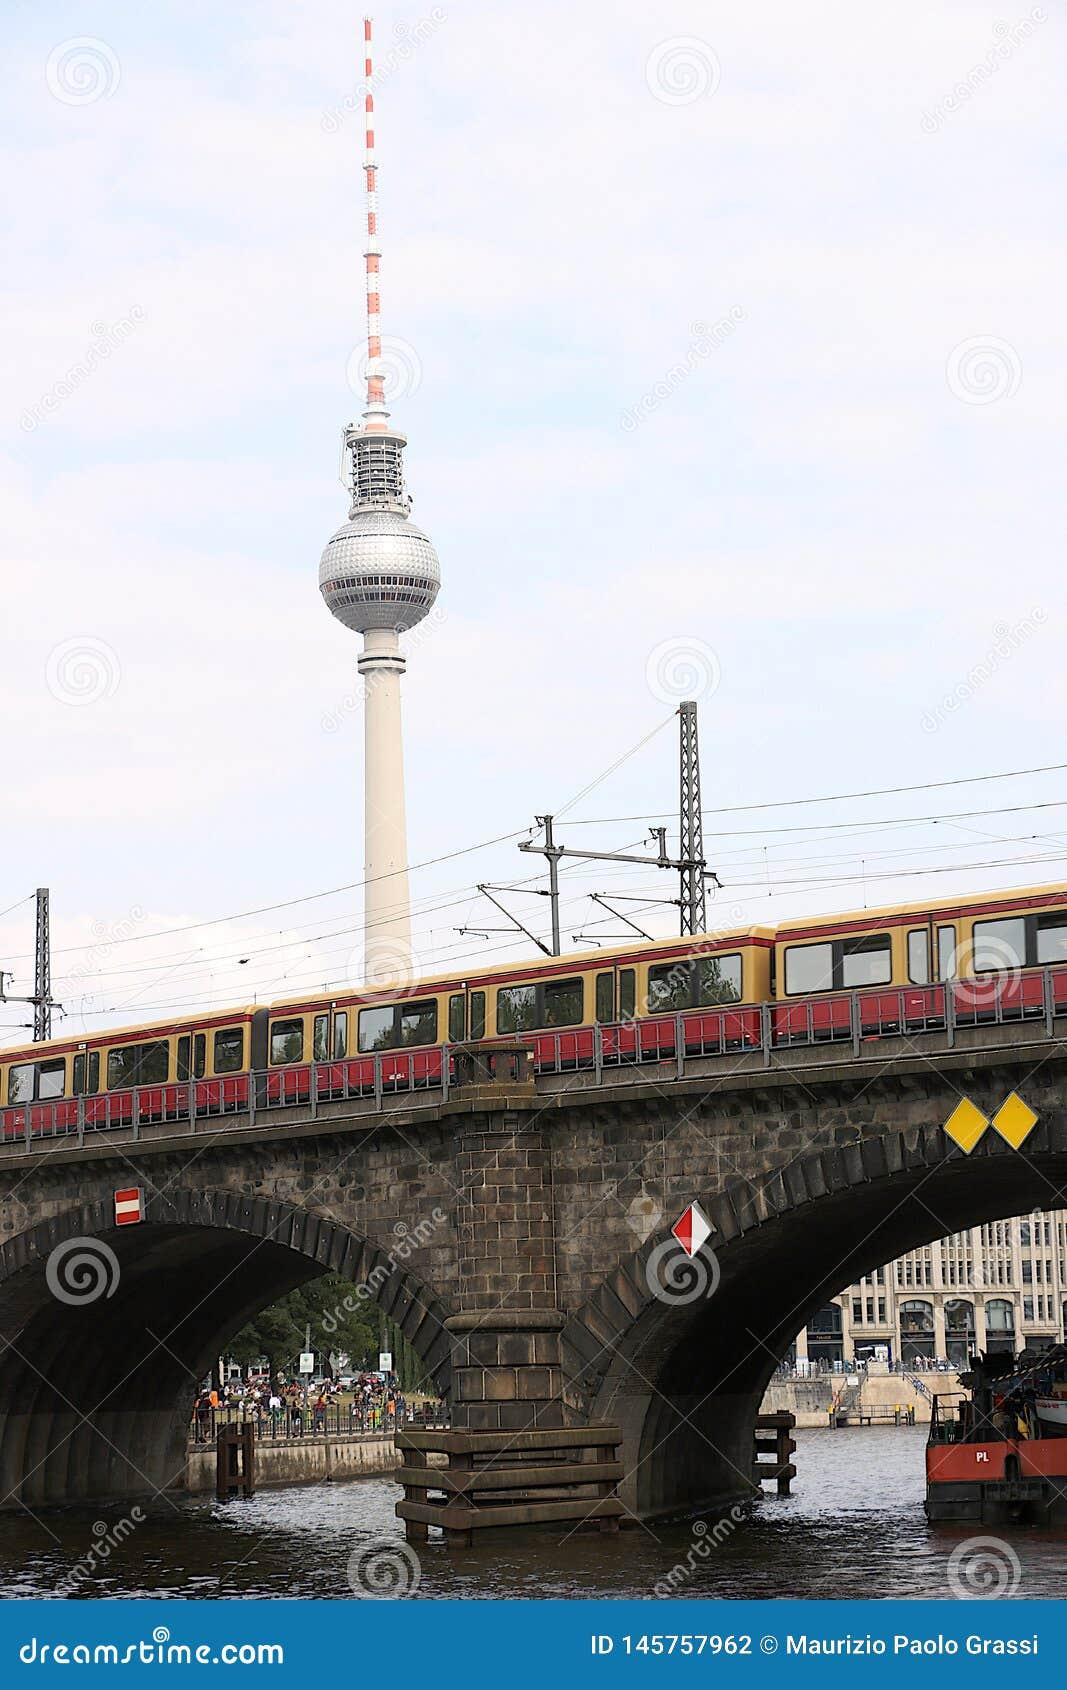 Βερολίνο, Γερμανία, στις 13 Ιουνίου 2018 Το τραίνο περνά πέρα από τη γέφυρα πετρών του ποταμού Στο υπόβαθρο μπορείτε να δείτε την